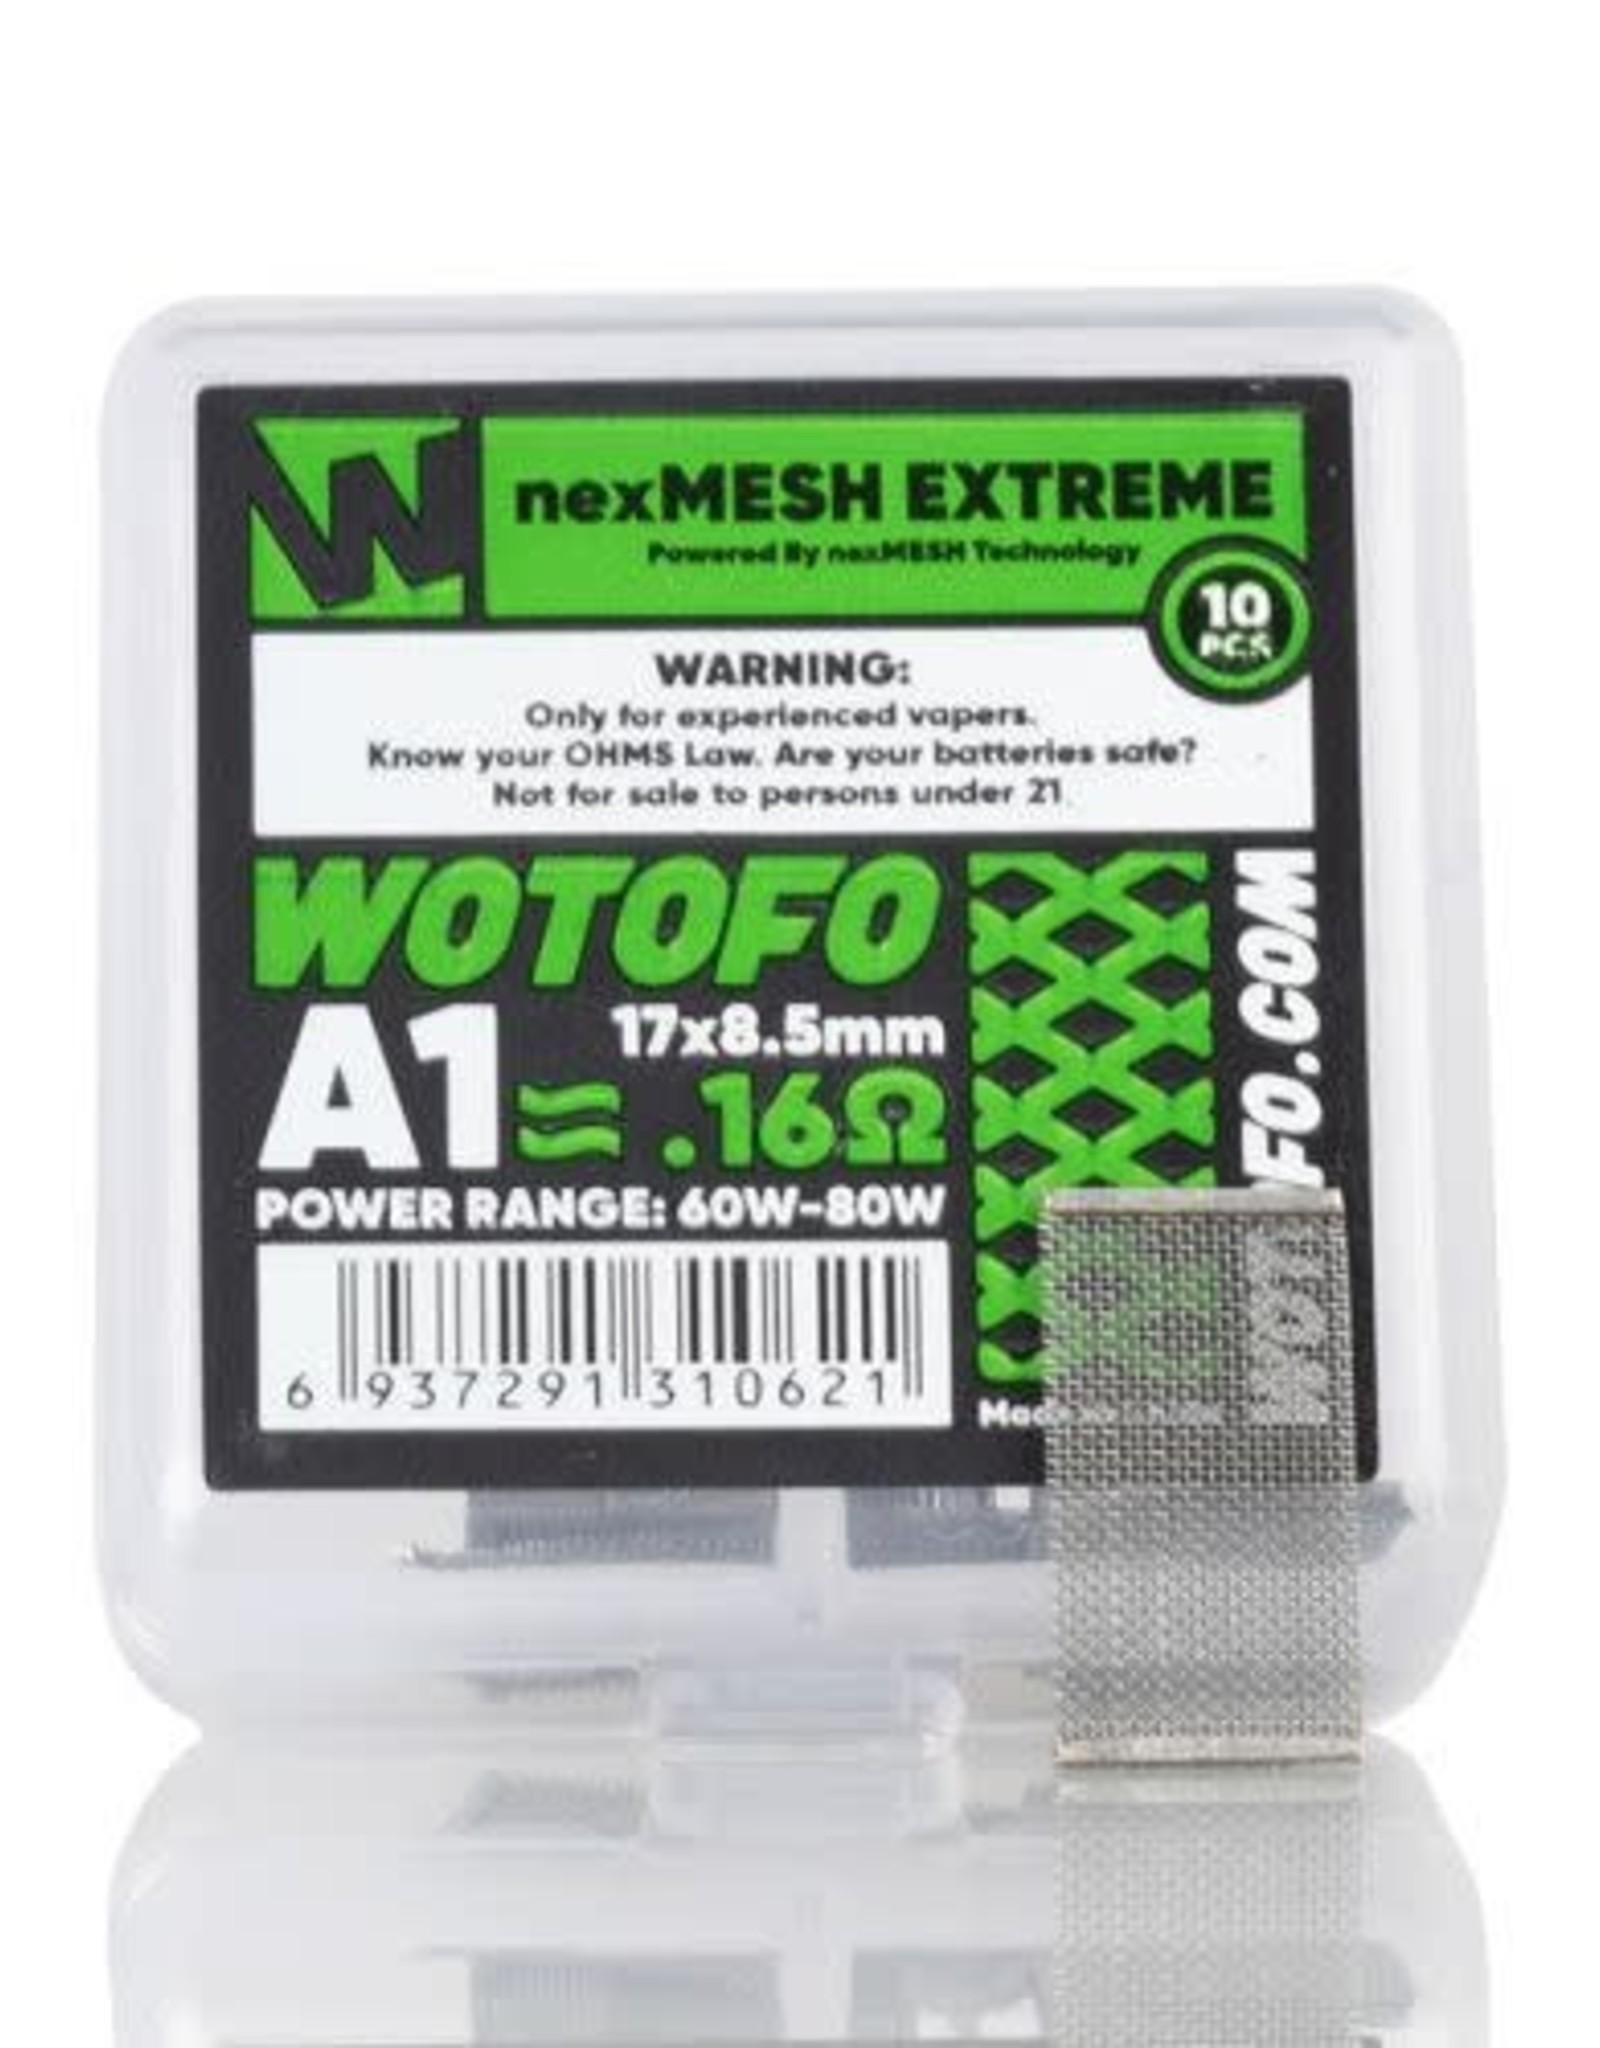 WoToFo Wotofo nexMesh - Extreme